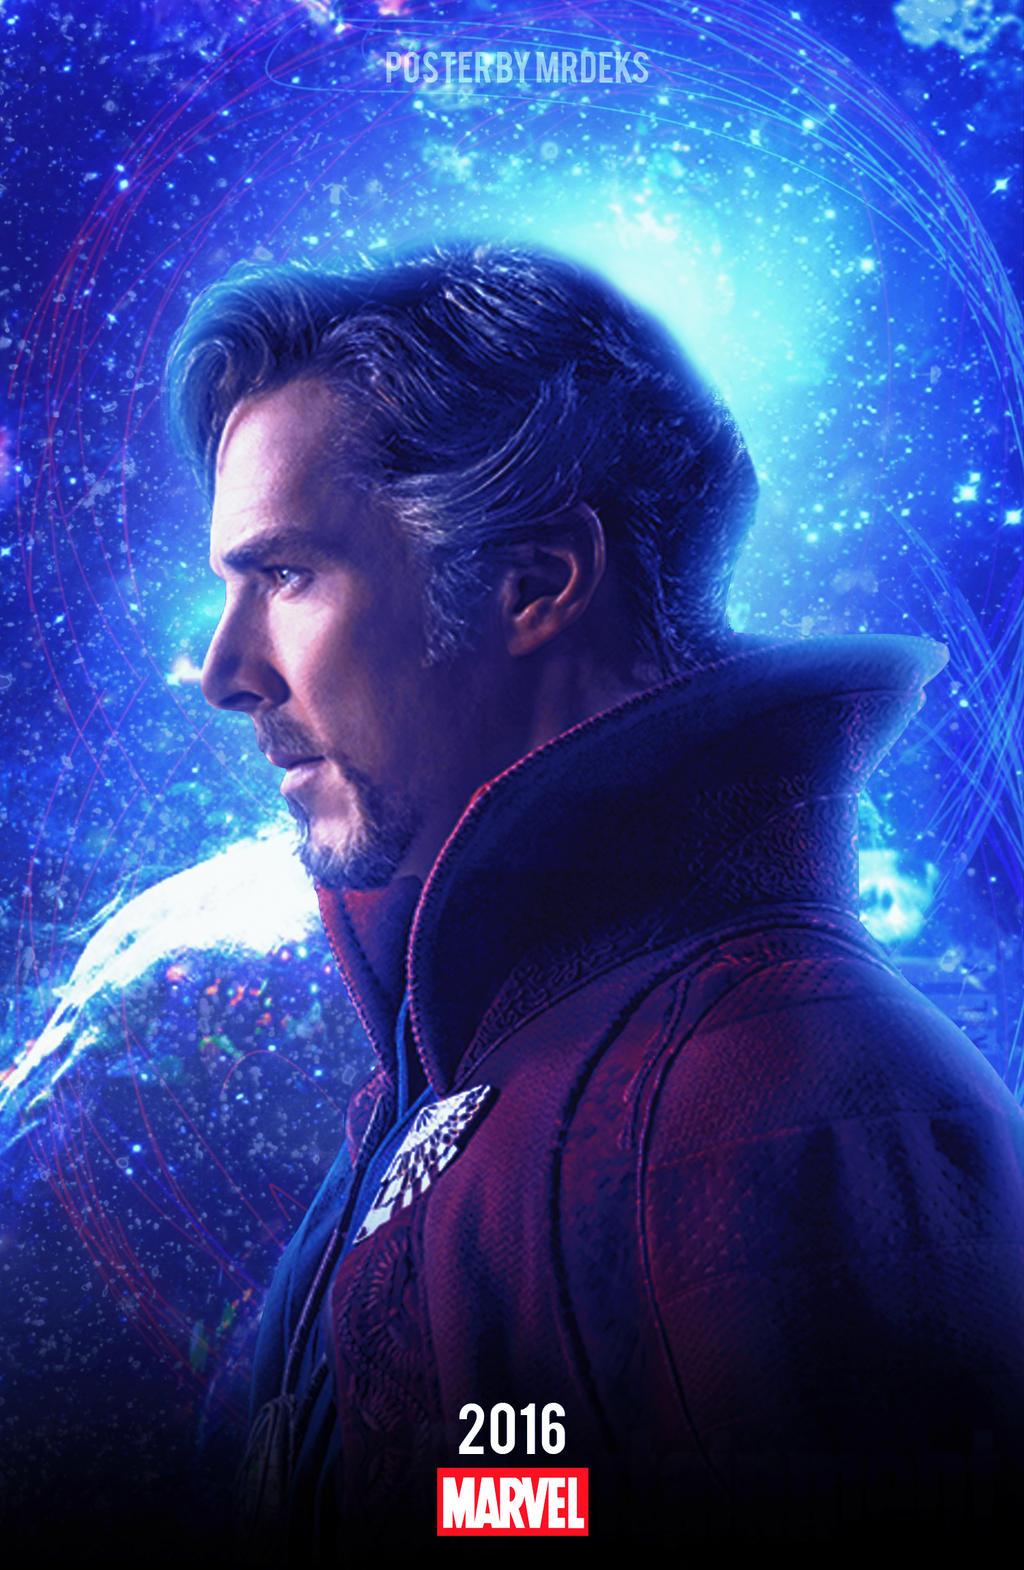 Dr Strange - Teaser Poster (2016) by MrDeks on DeviantArt